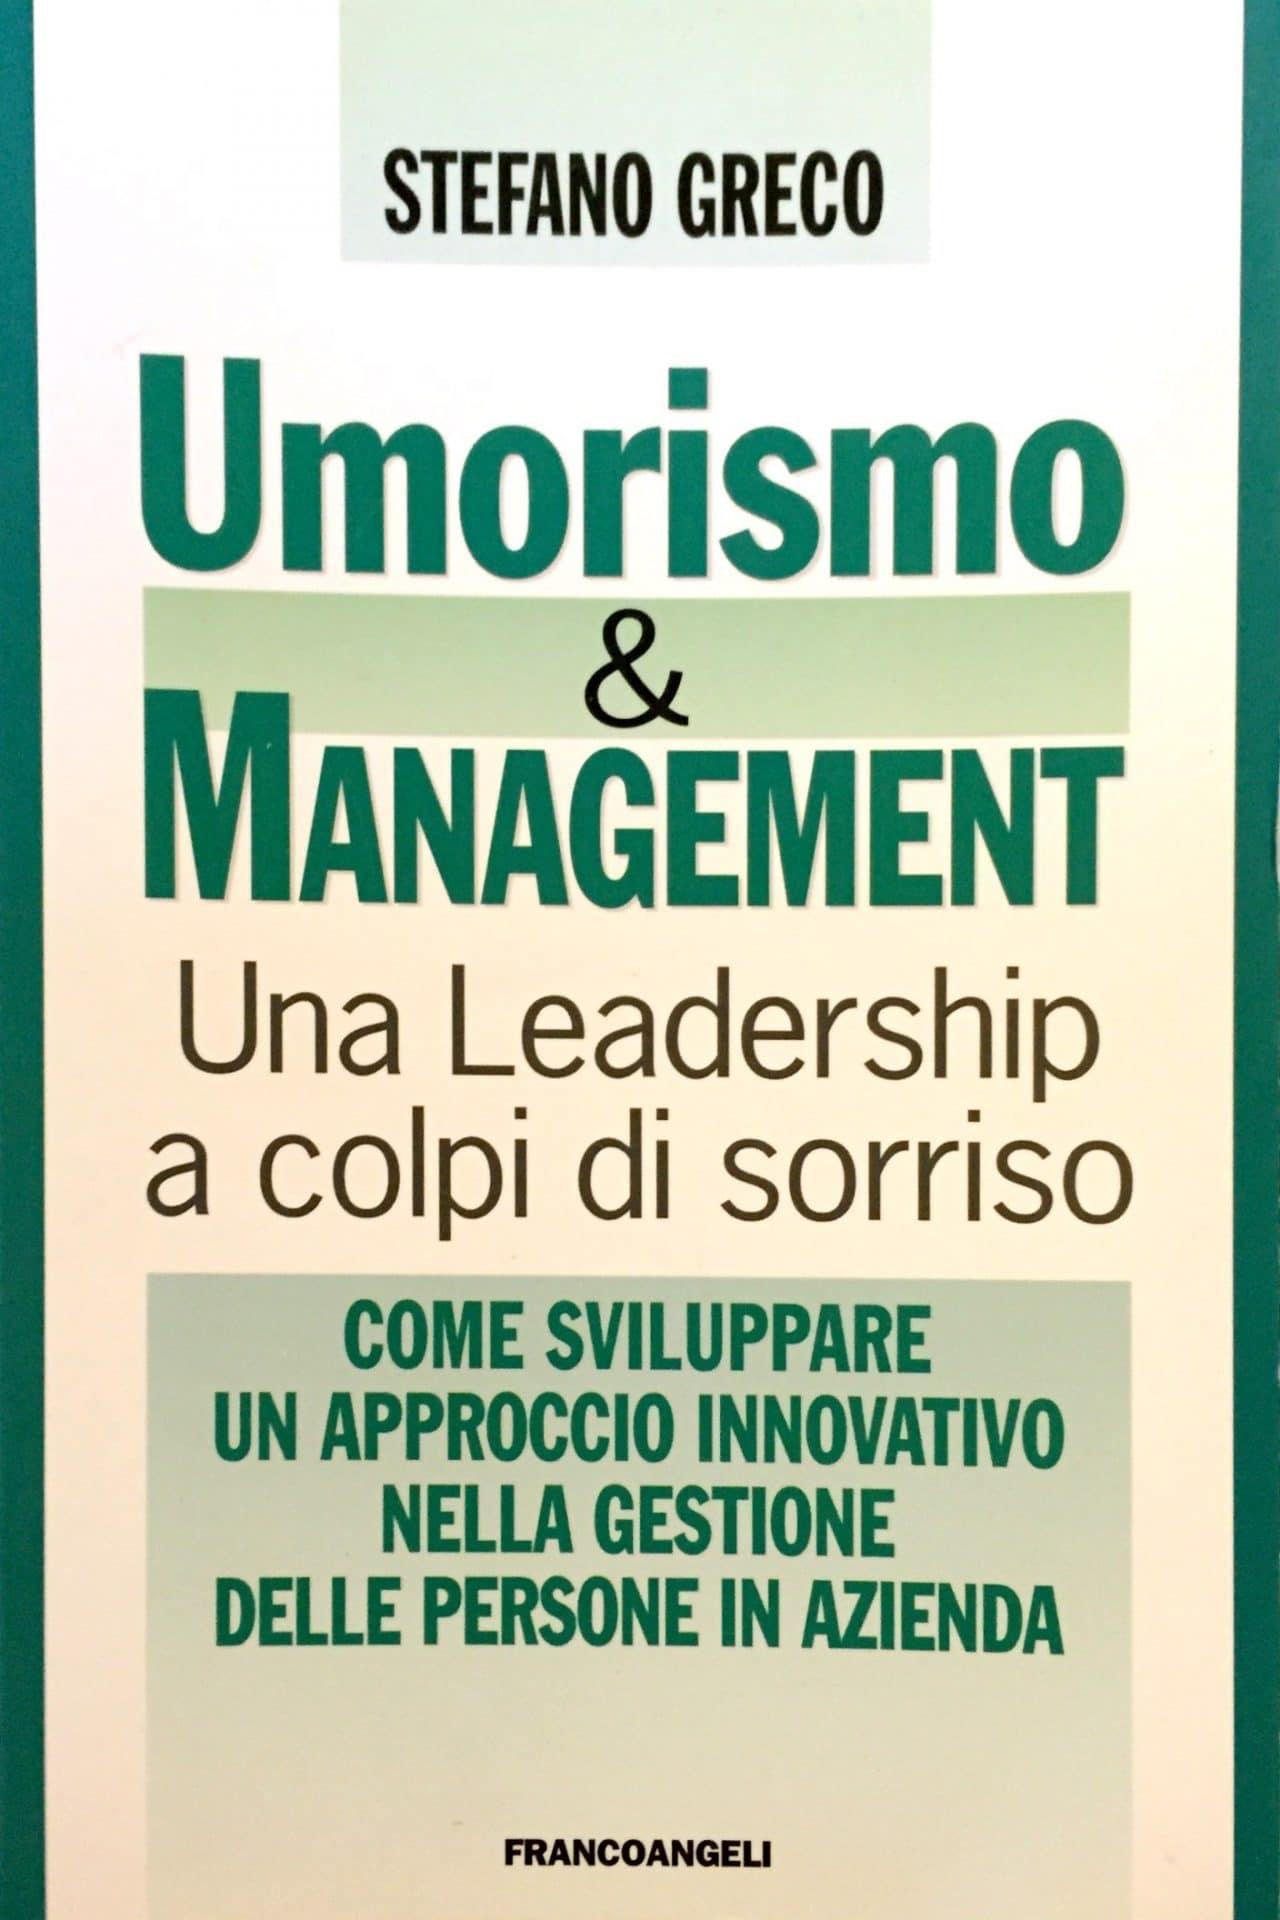 Umorismo & Management Una Leadership A Colpi Di Sorriso Come Sviluppare Un Approccio Innovativo Nella Gestione Delle Persone In Azienda